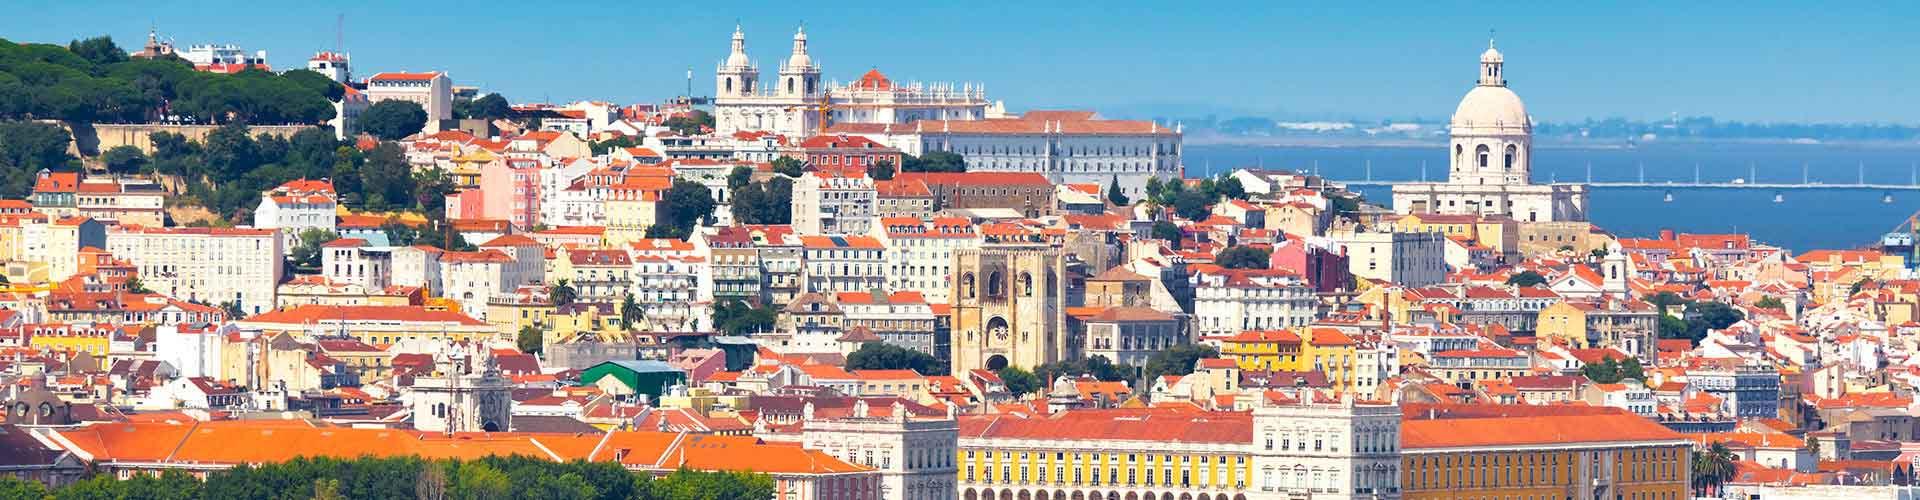 Lissabon – Hostels in Lissabon. Karten für Lissabon. Fotos und Bewertungen für jedes Hostel in Lissabon.